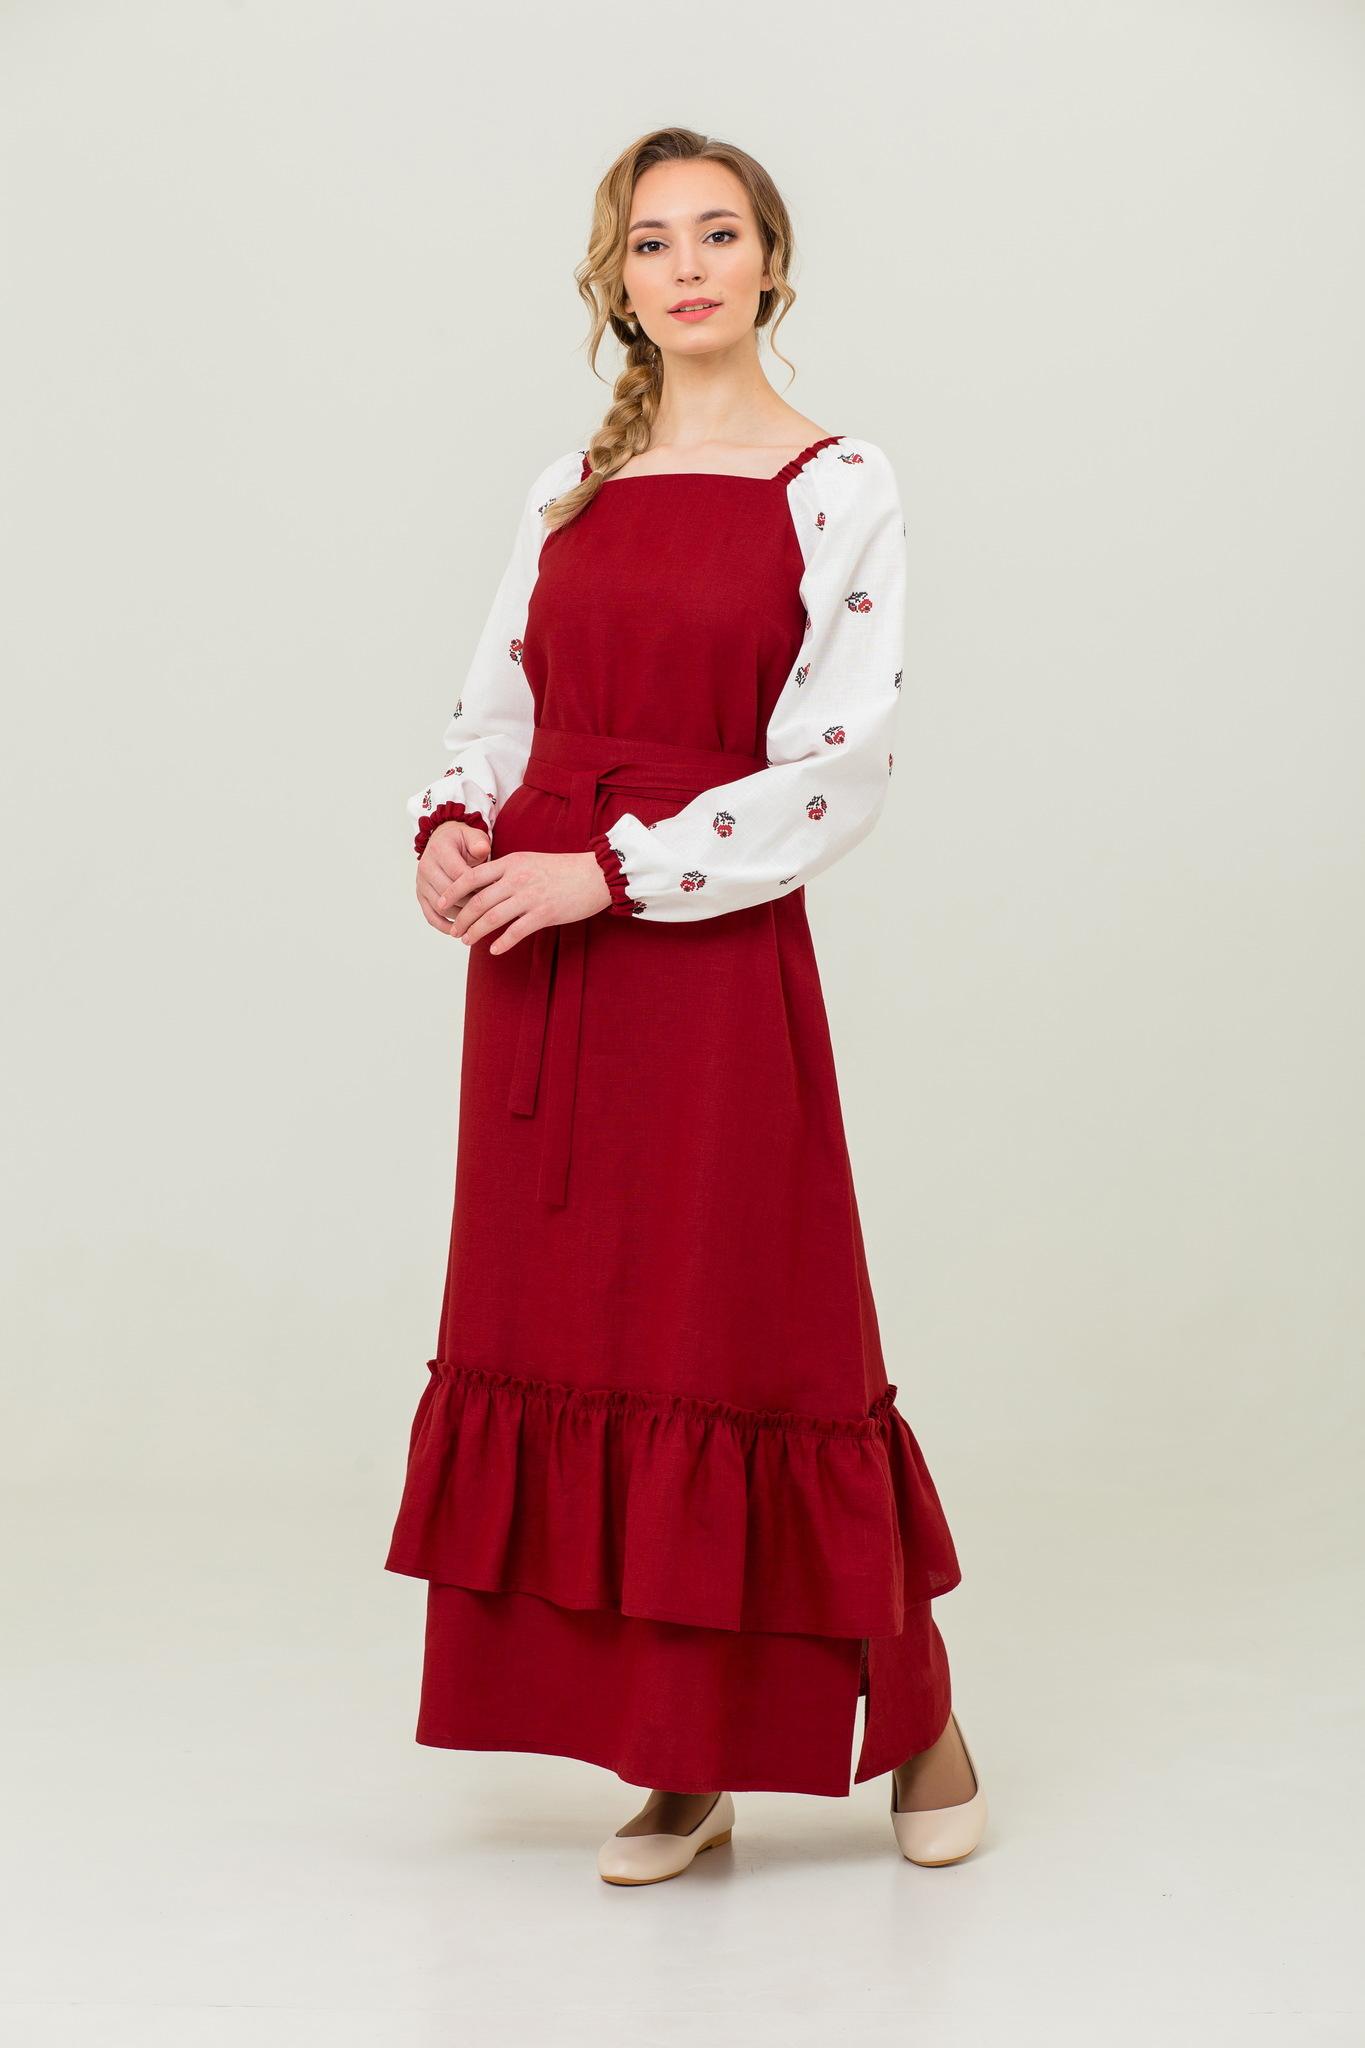 Русское народное платье с поясом Алёнушка